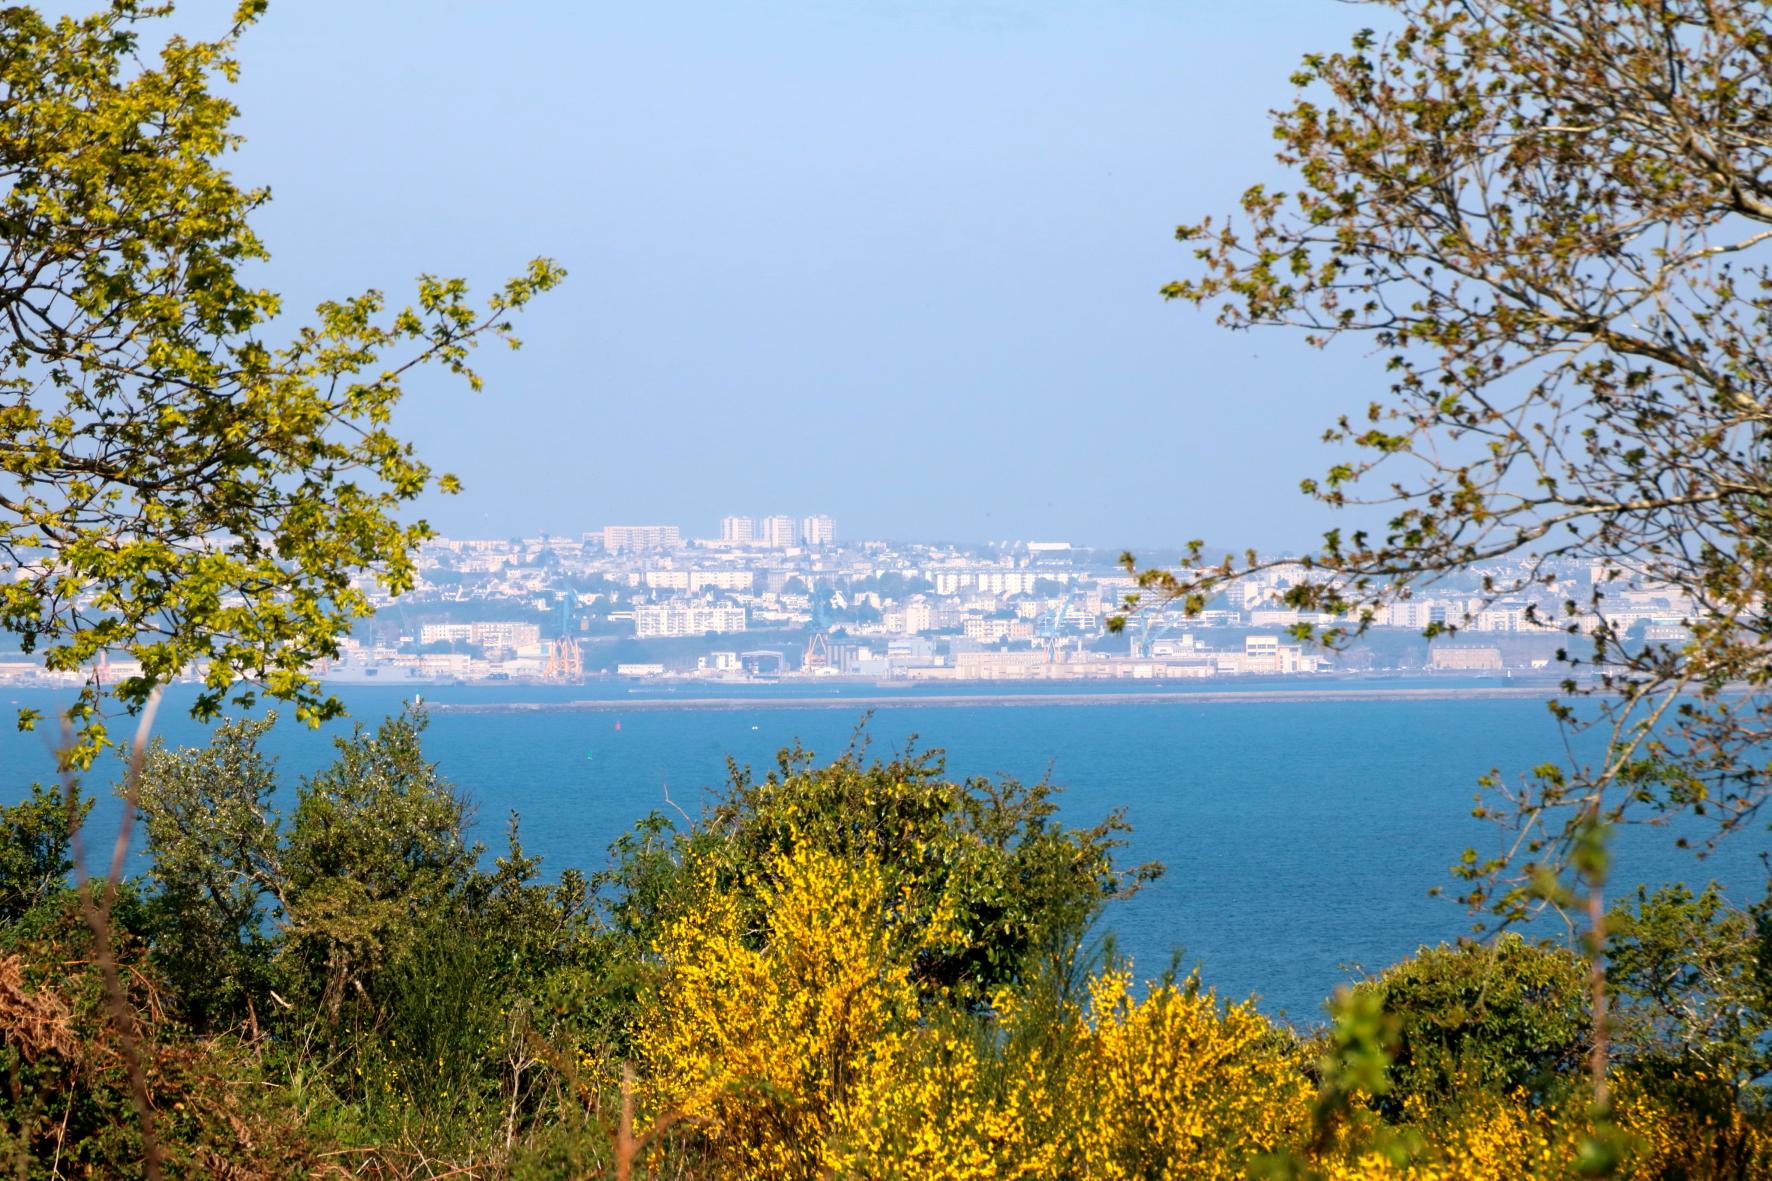 Pointe-Corbeau-22-04-105-panorama-